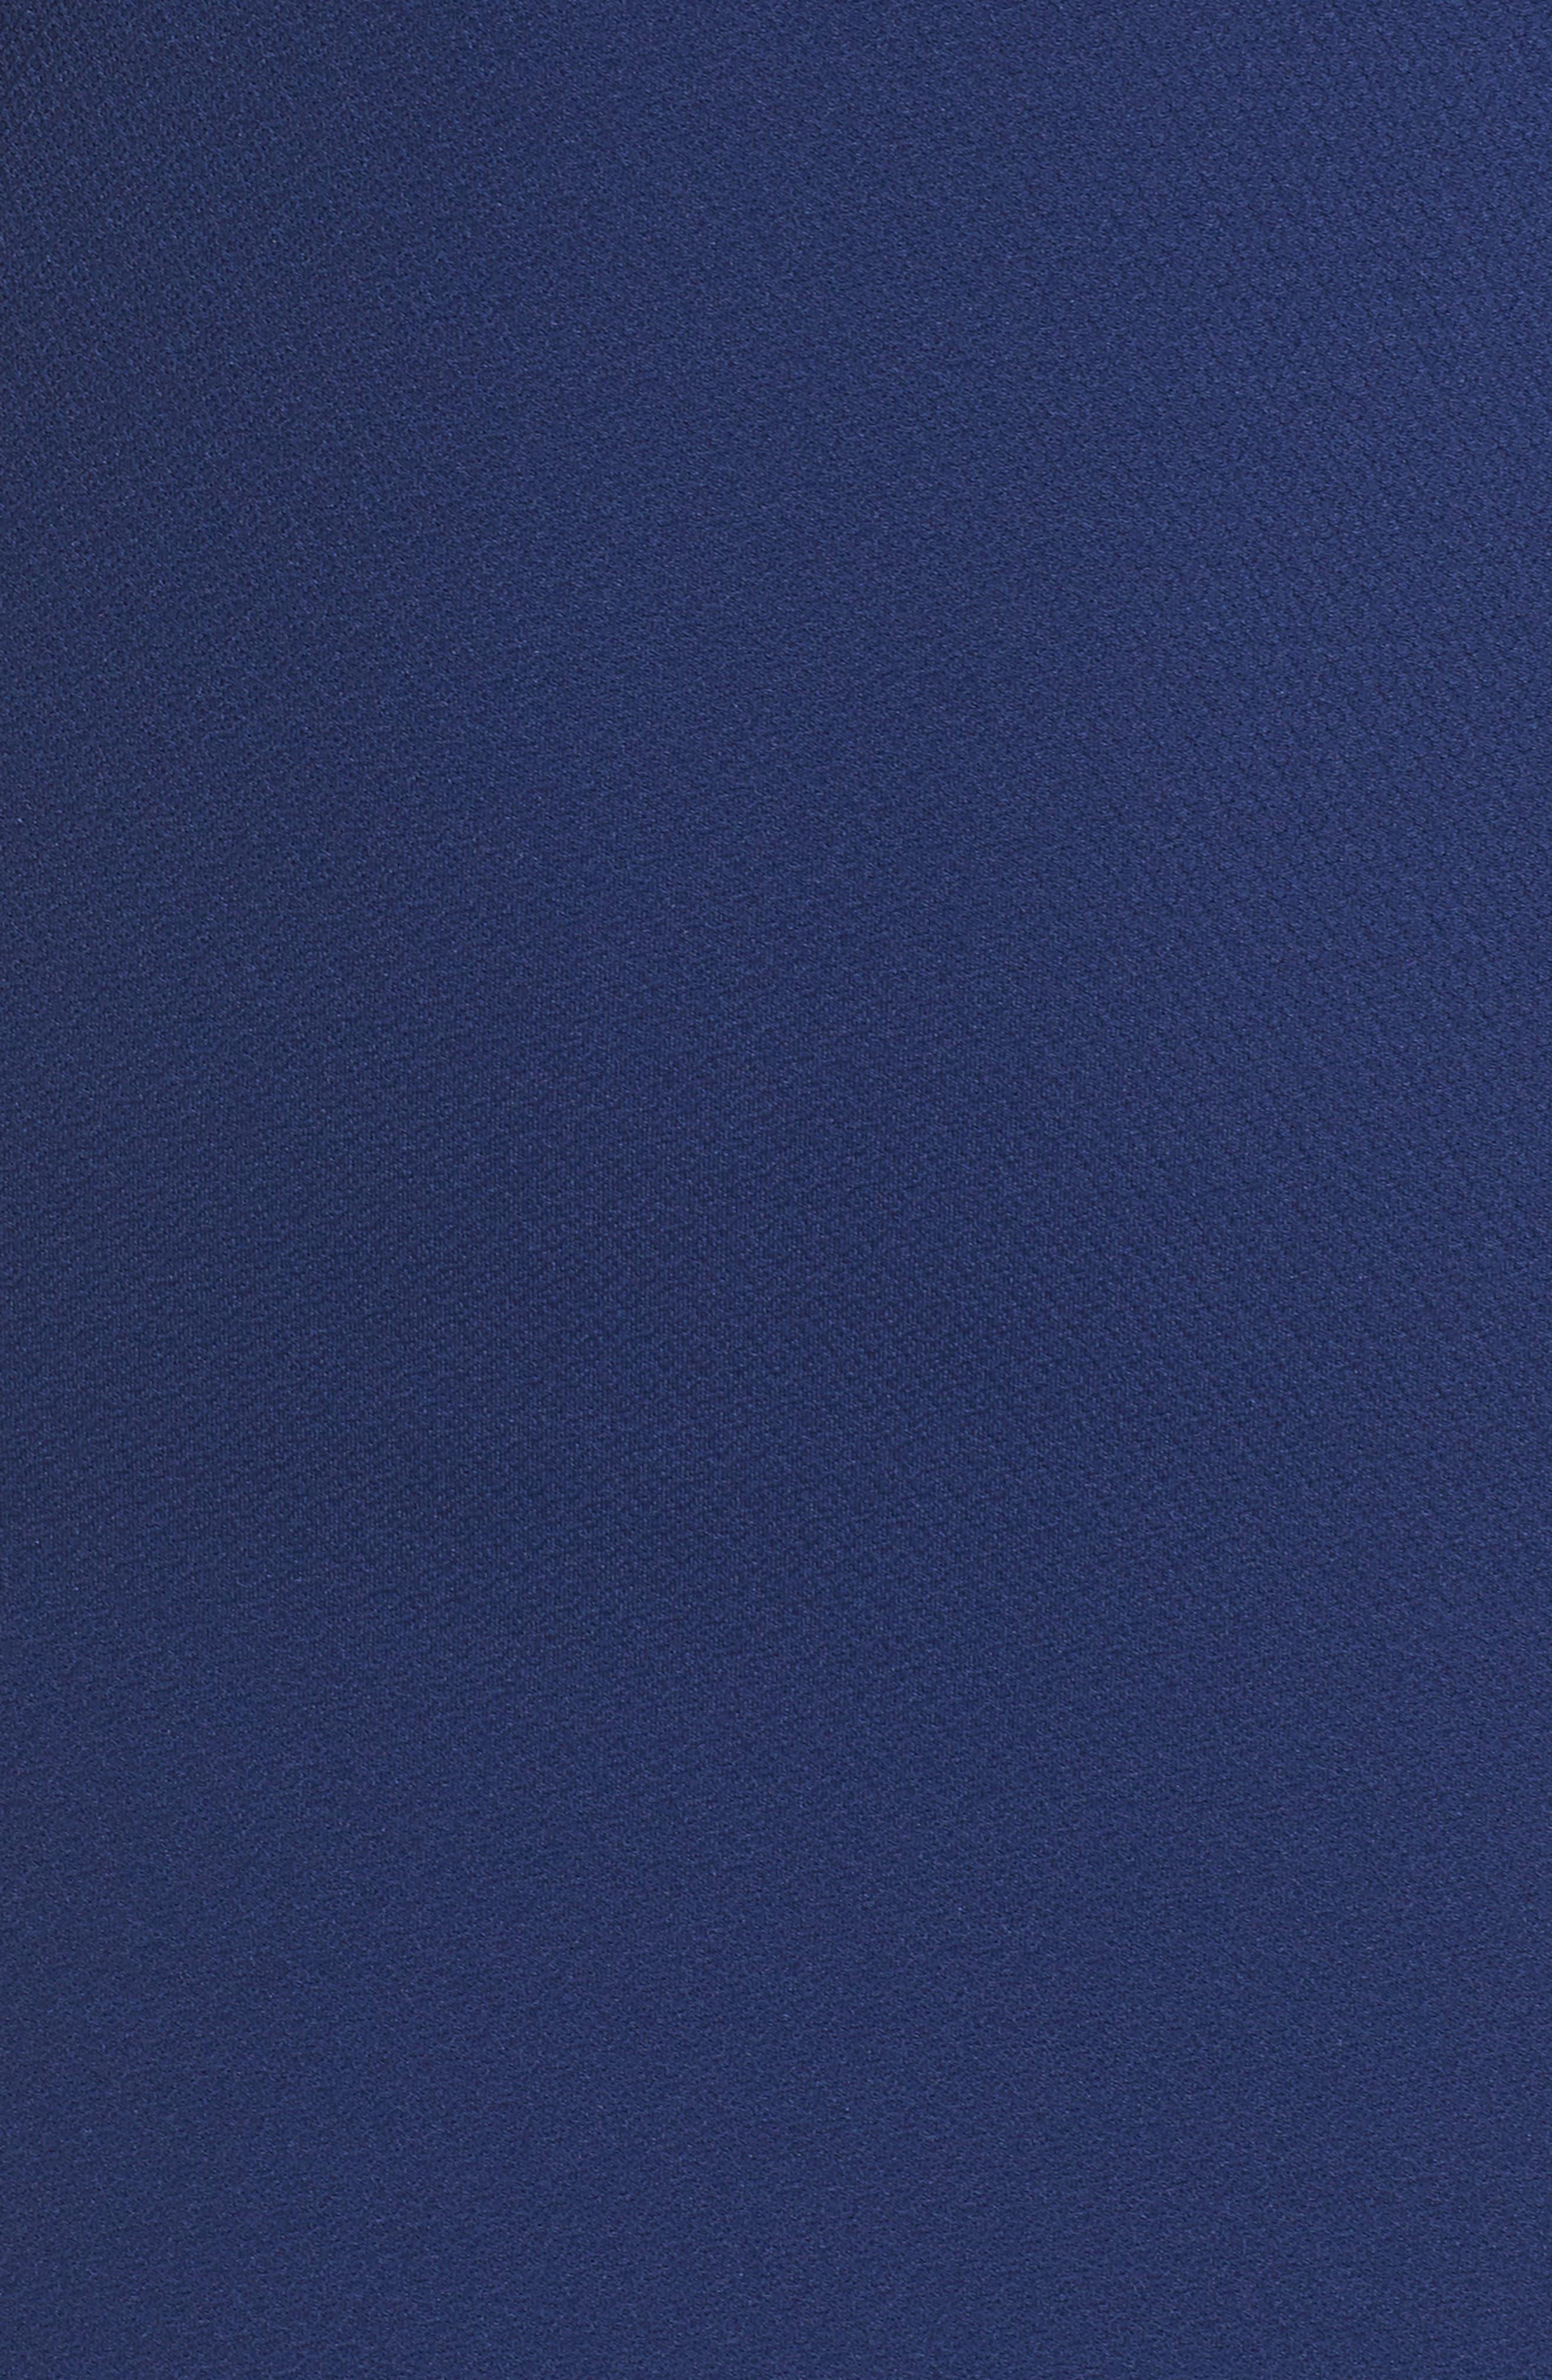 Shell Beach Bell Sleeve Halter Dress,                             Alternate thumbnail 5, color,                             Bondi Blue